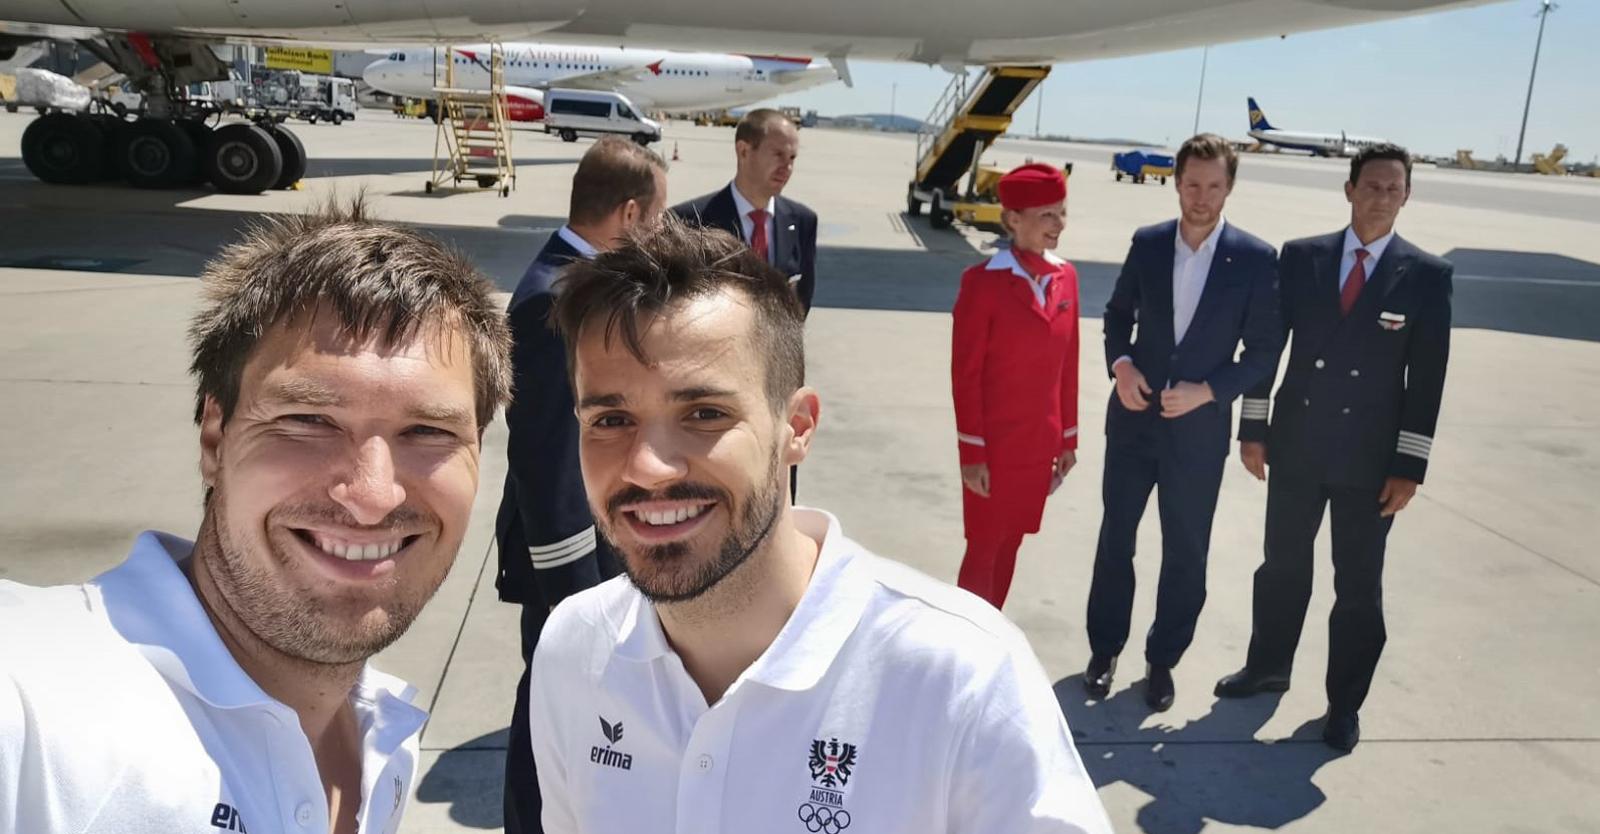 Martin Strempfl mit Badmintonspieler Luka Wraber vor der Austrian-Airlines-Maschine und Crew